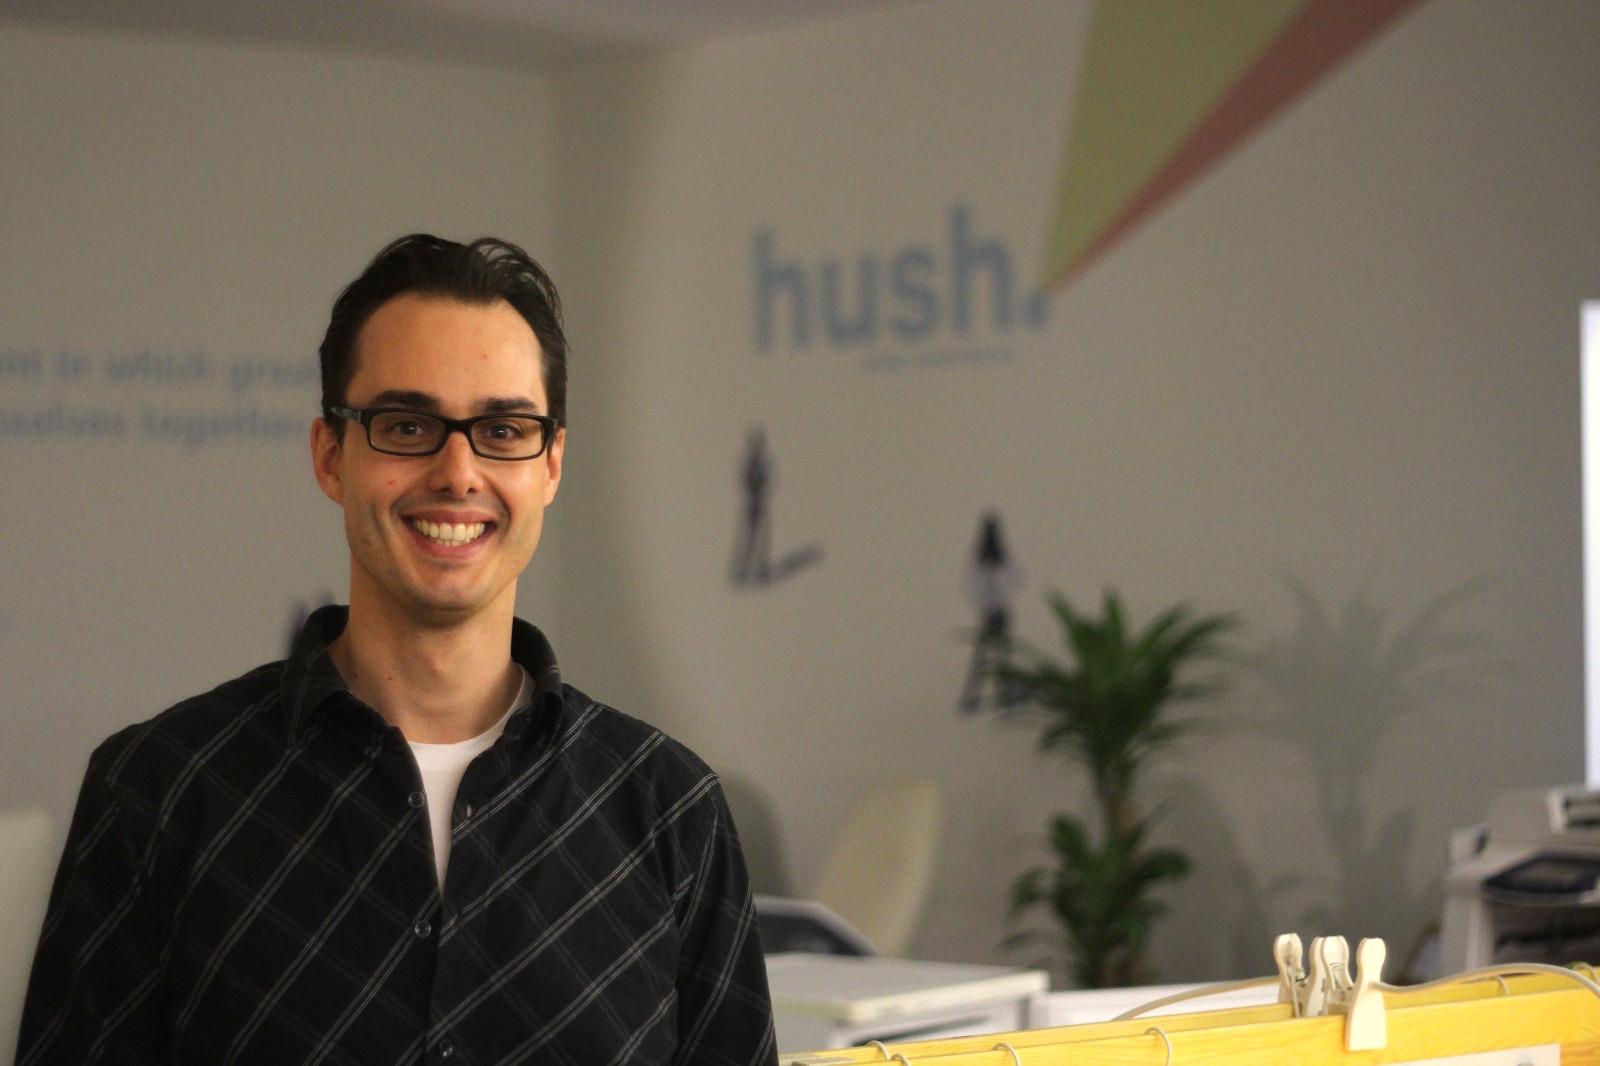 Interview Mit Coworking Space Gründer – Yves Küng Von Hush.Zürich